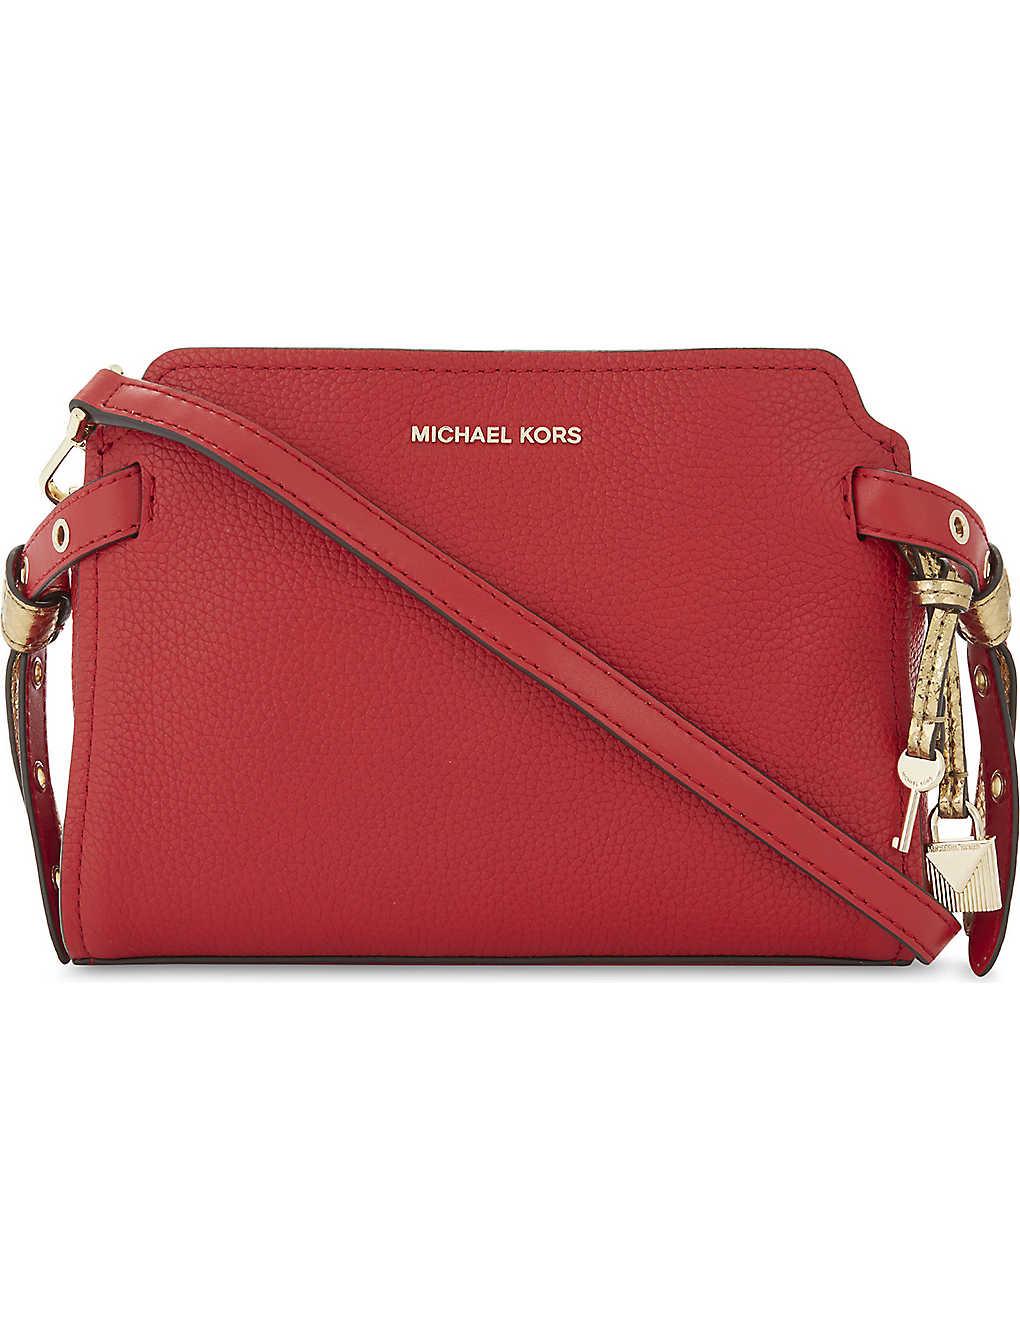 3c827e64535d9 MICHAEL MICHAEL KORS - Bristol leather messenger bag